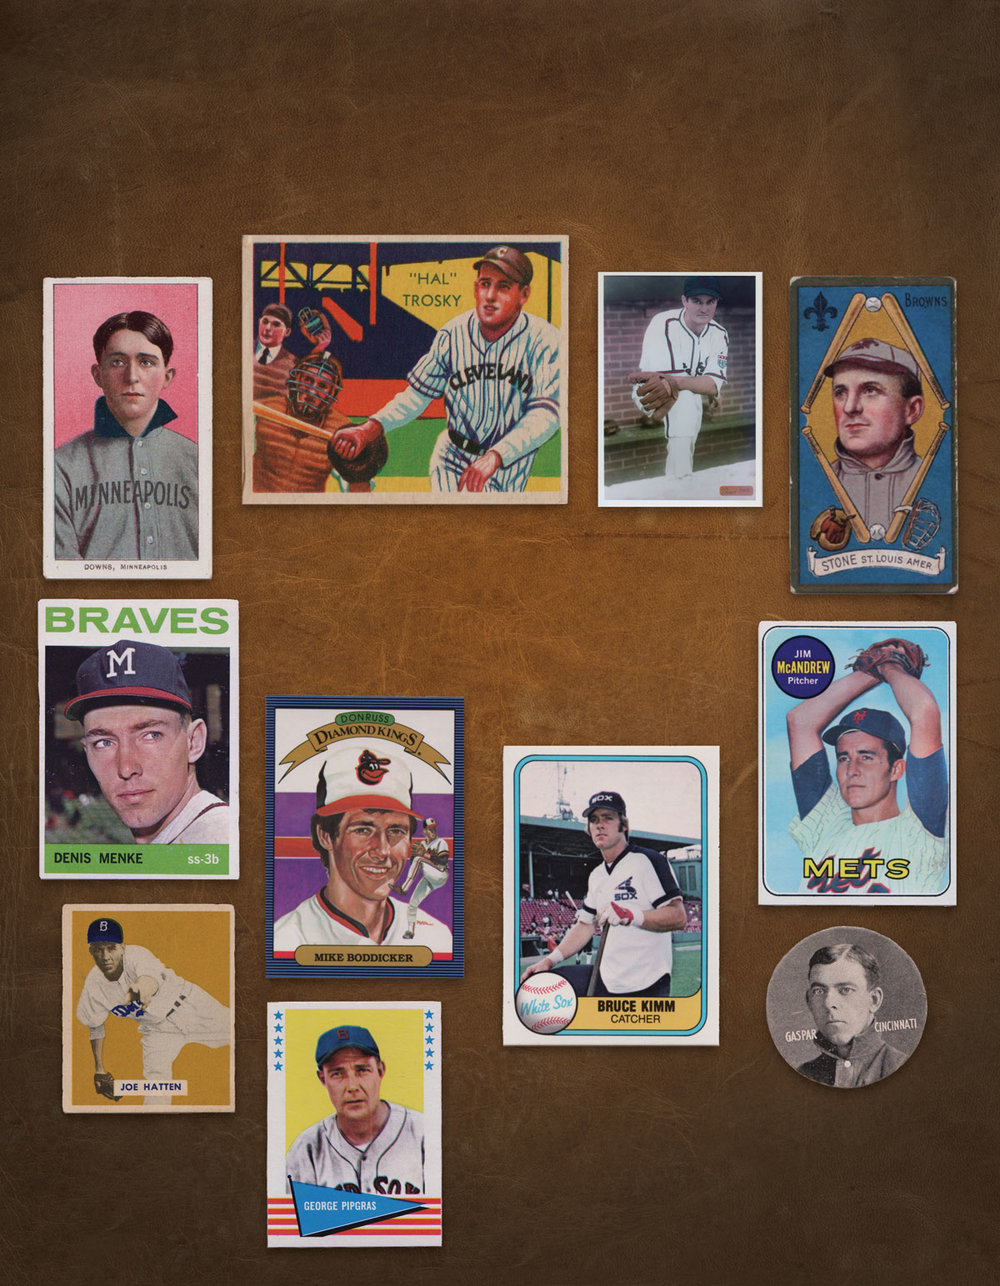 IHJ_Baseball_Collage.jpg